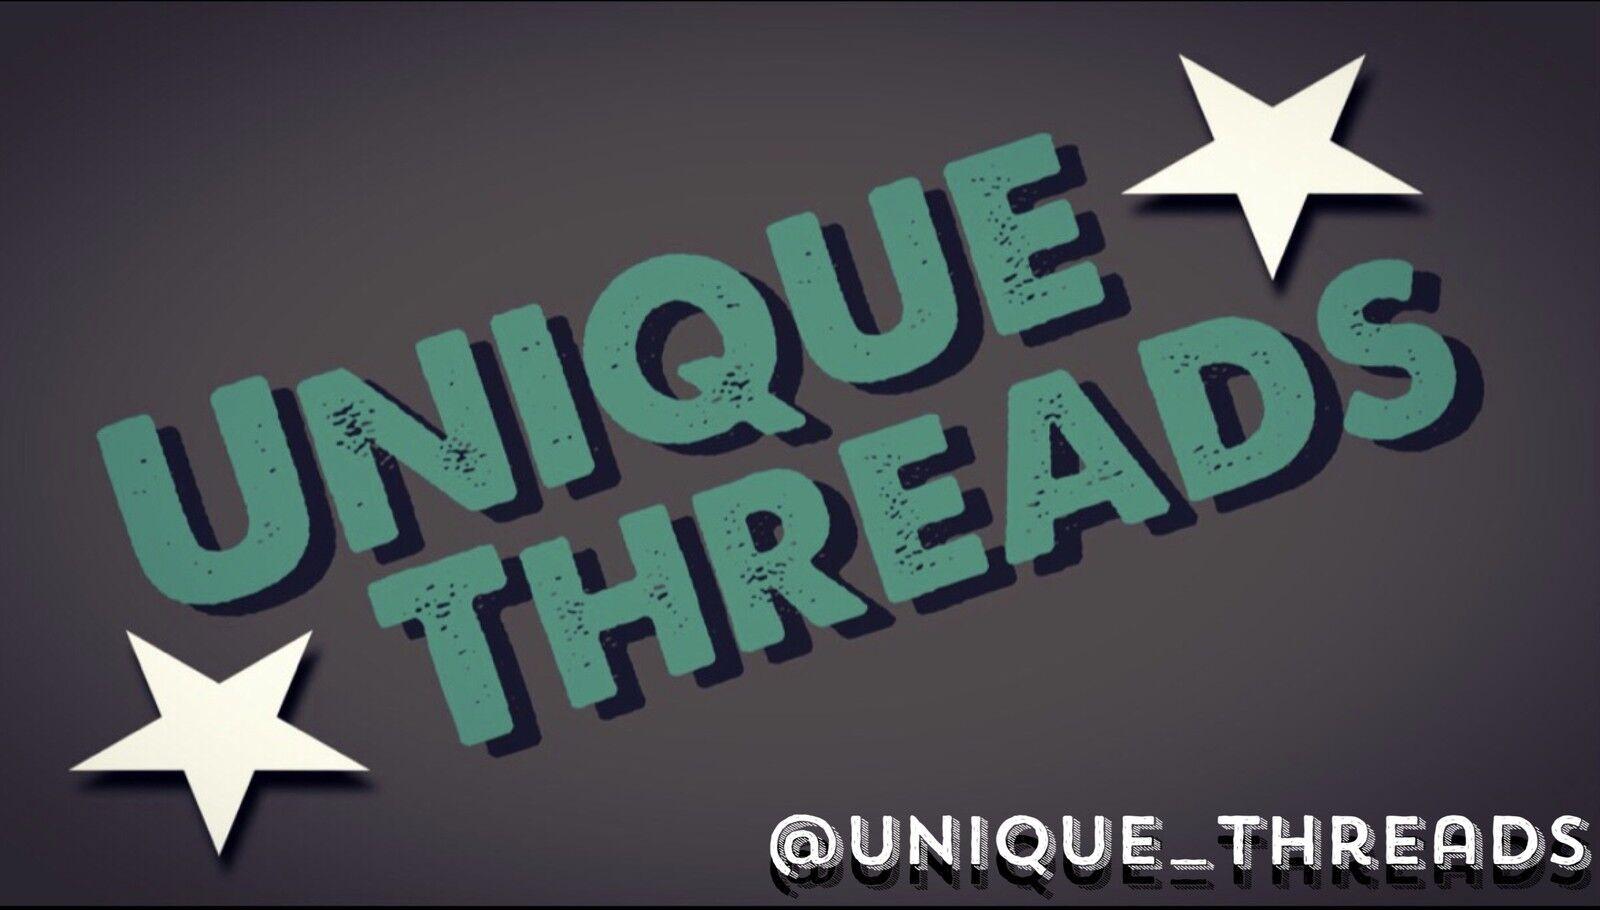 Unique_Threads